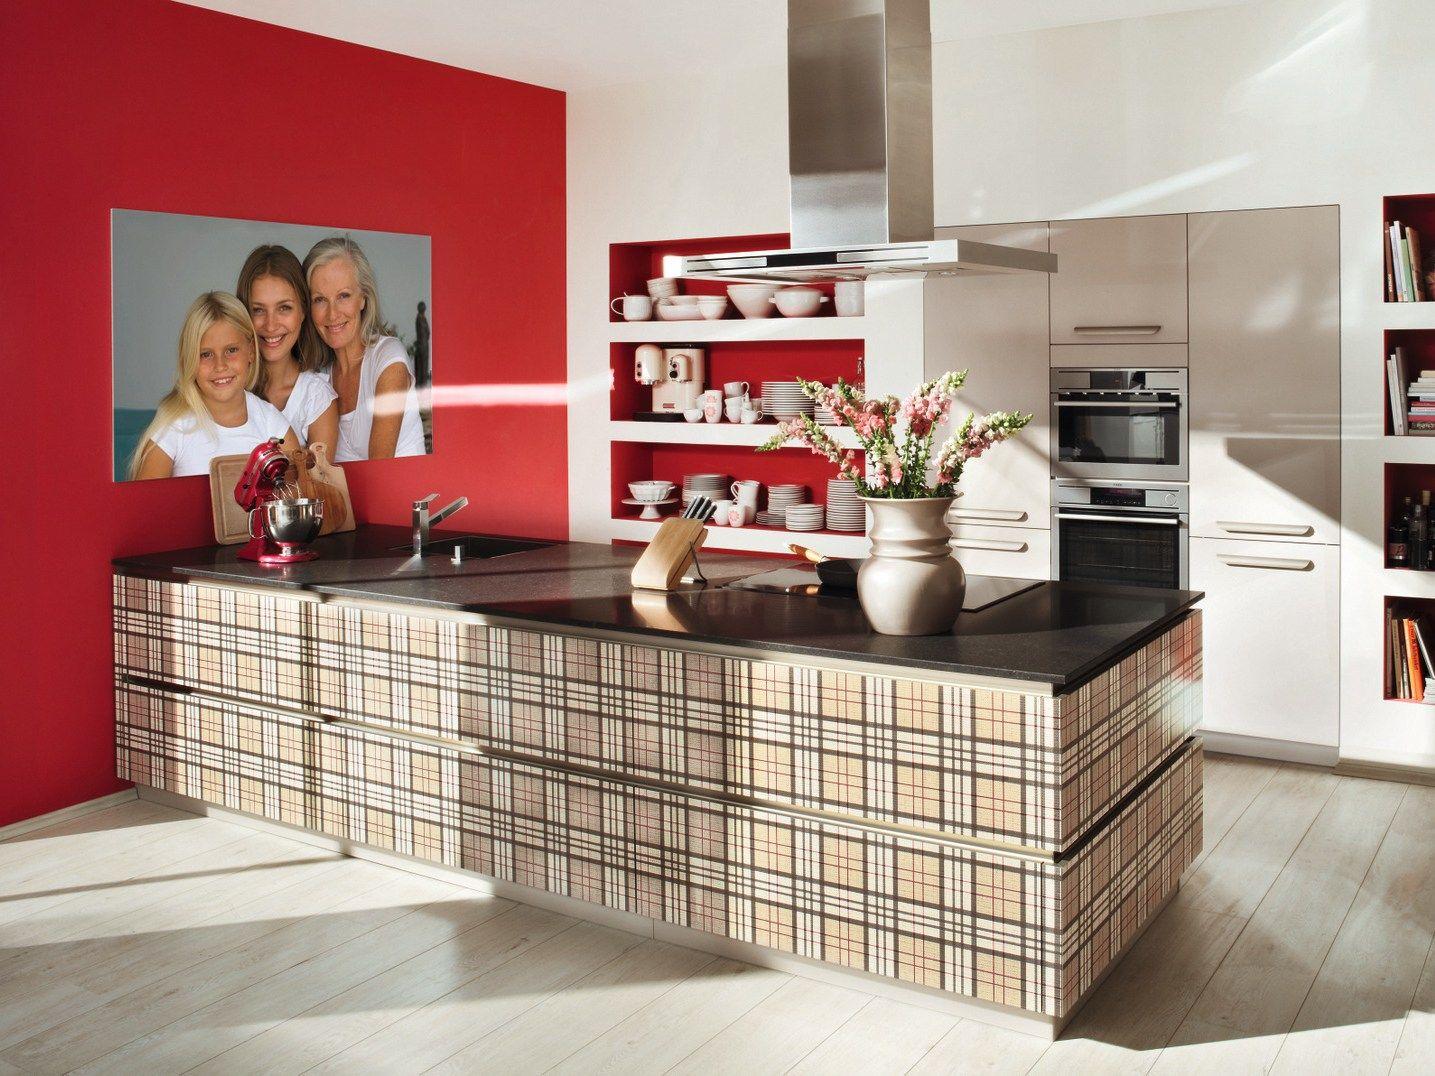 Lacquered kitchen XL 1296 by BallerinaKüchen H.E